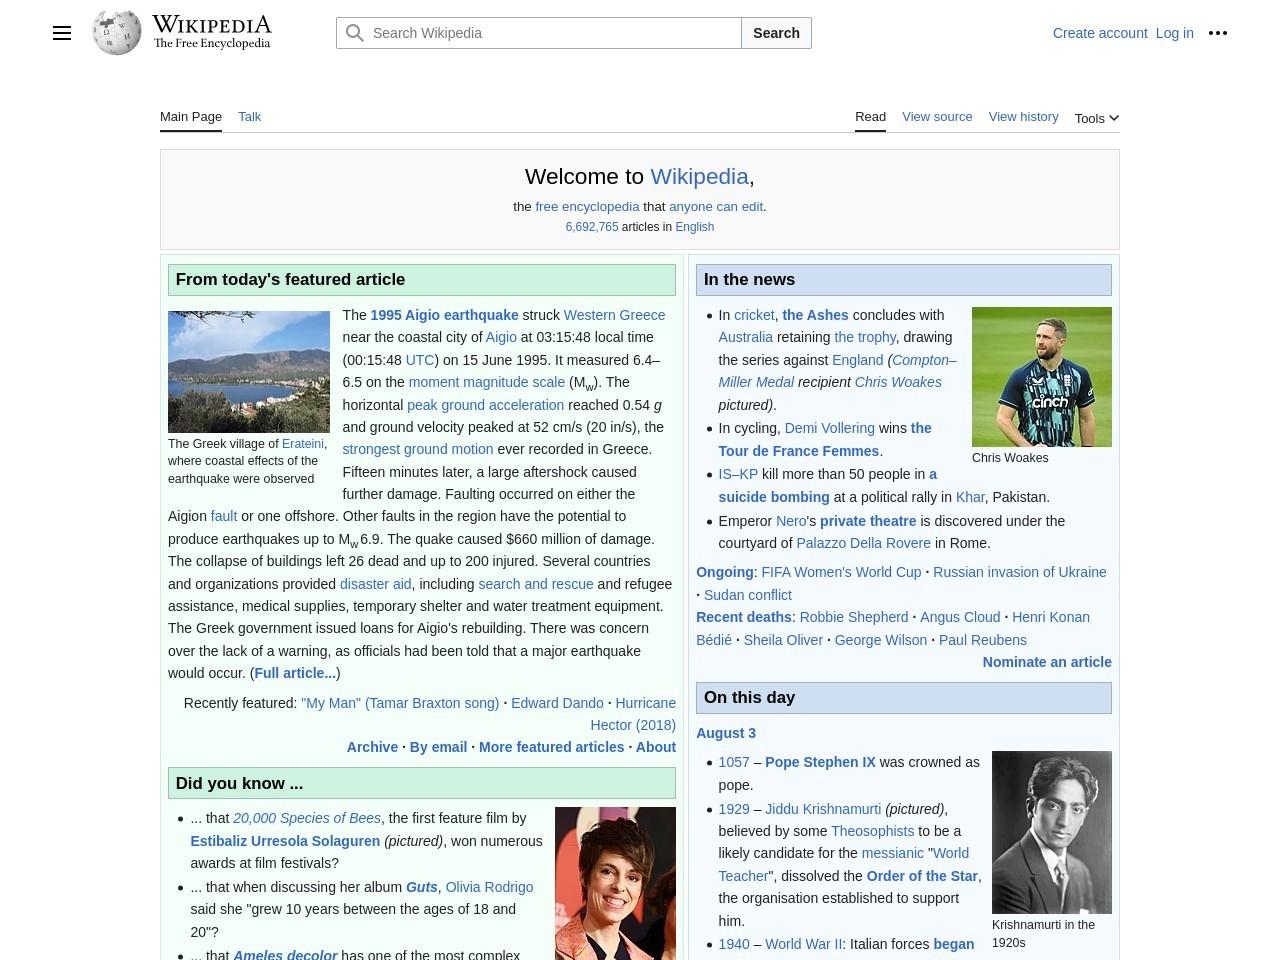 http://en.wikipedia.org/wiki/ElBulli